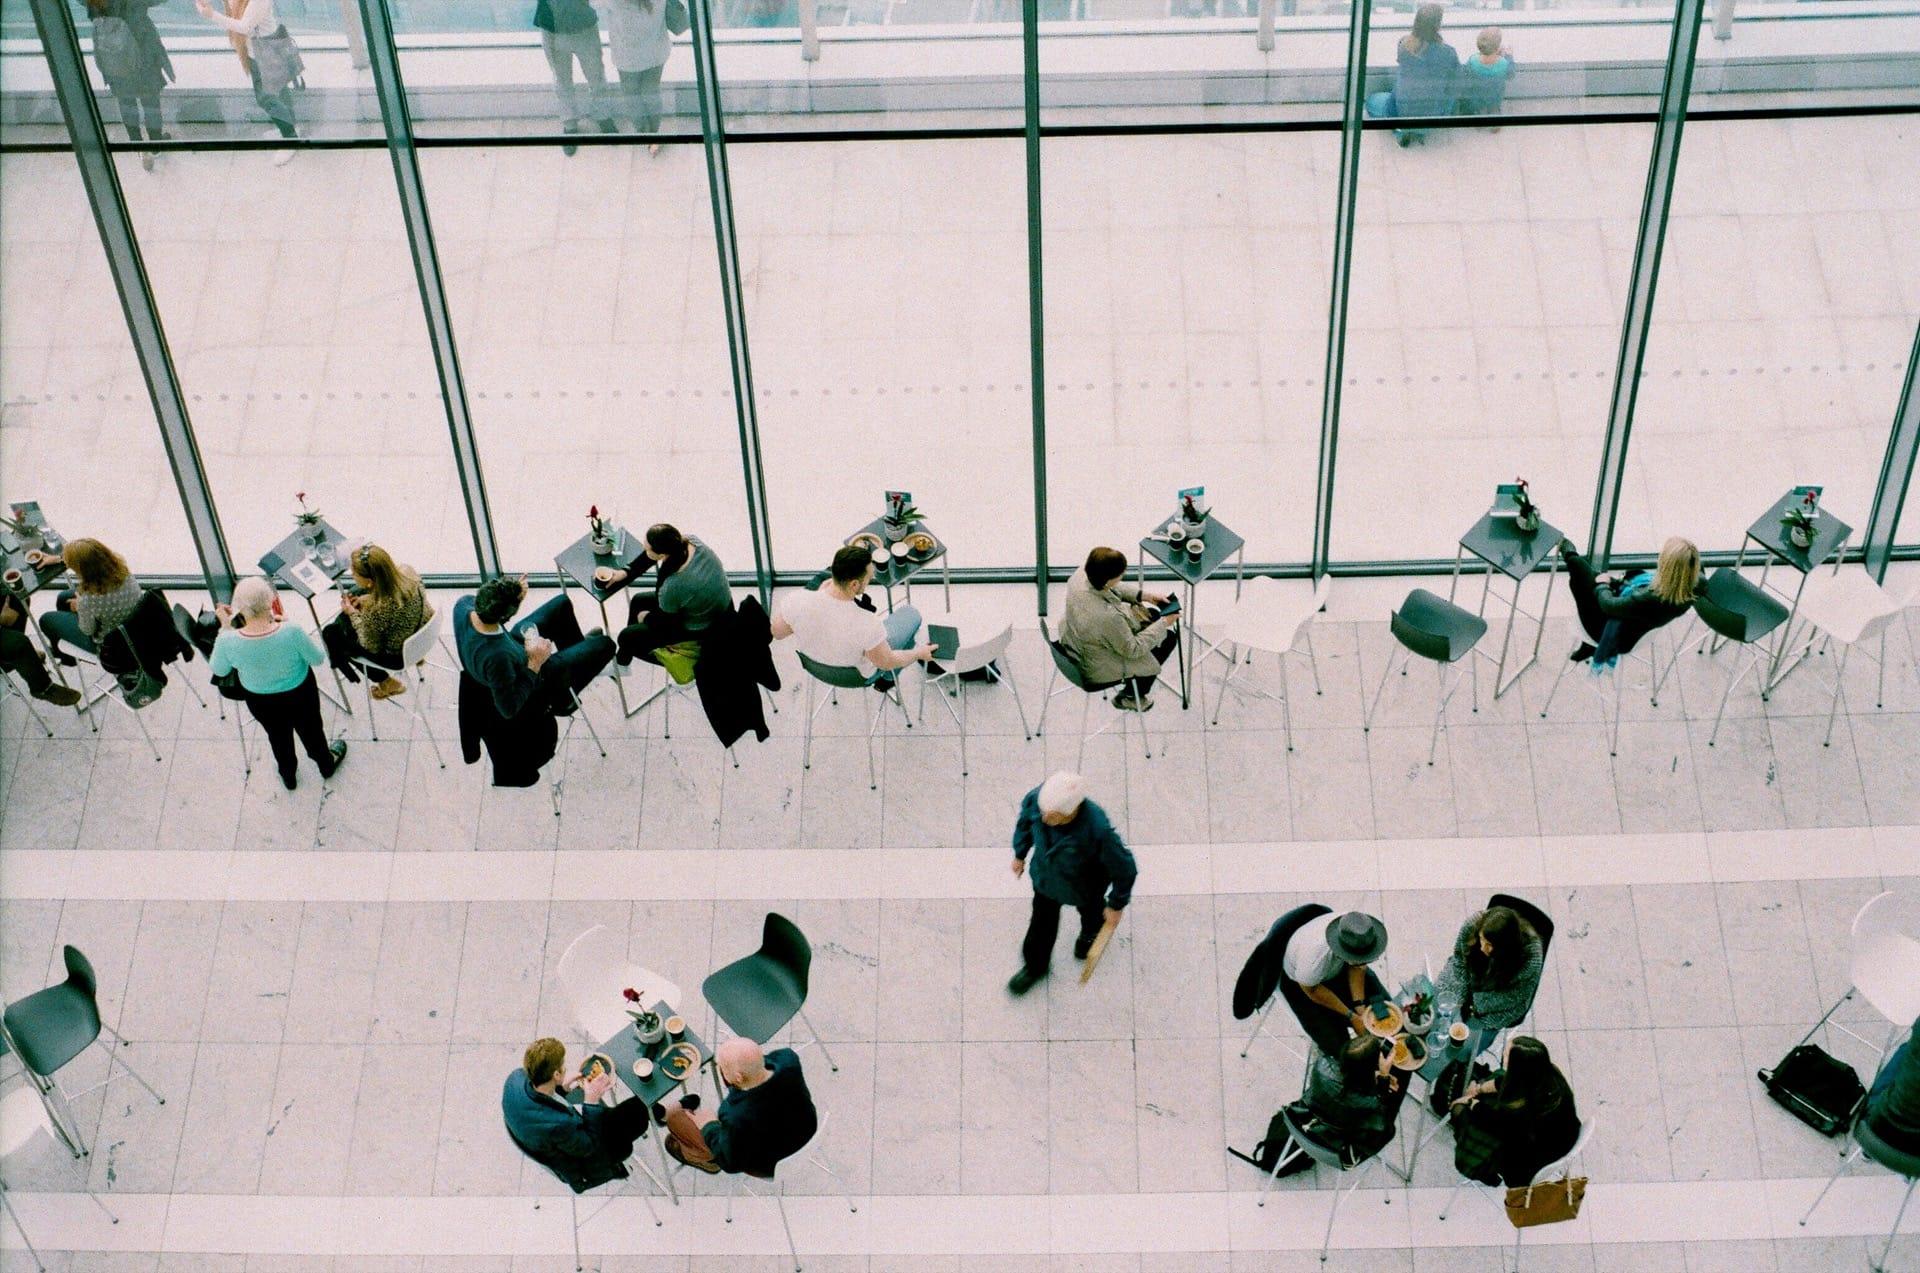 La nécessaire prise en compte des conséquences environnementales par l'employeur et l'implication des représentants du personnel